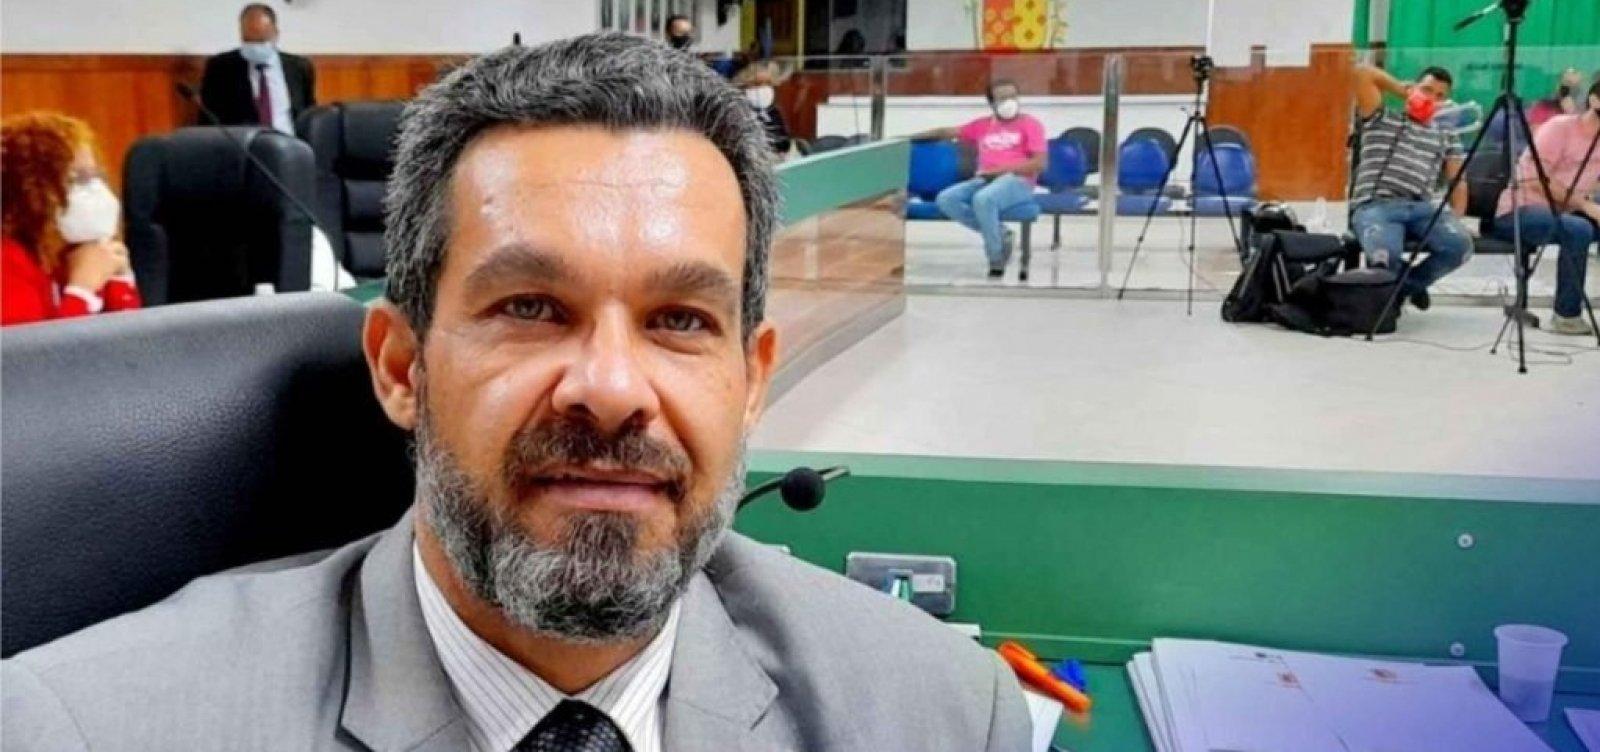 """Câmara de Ilhéus cassa mandato de vereador acusado de """"rachadinha"""""""